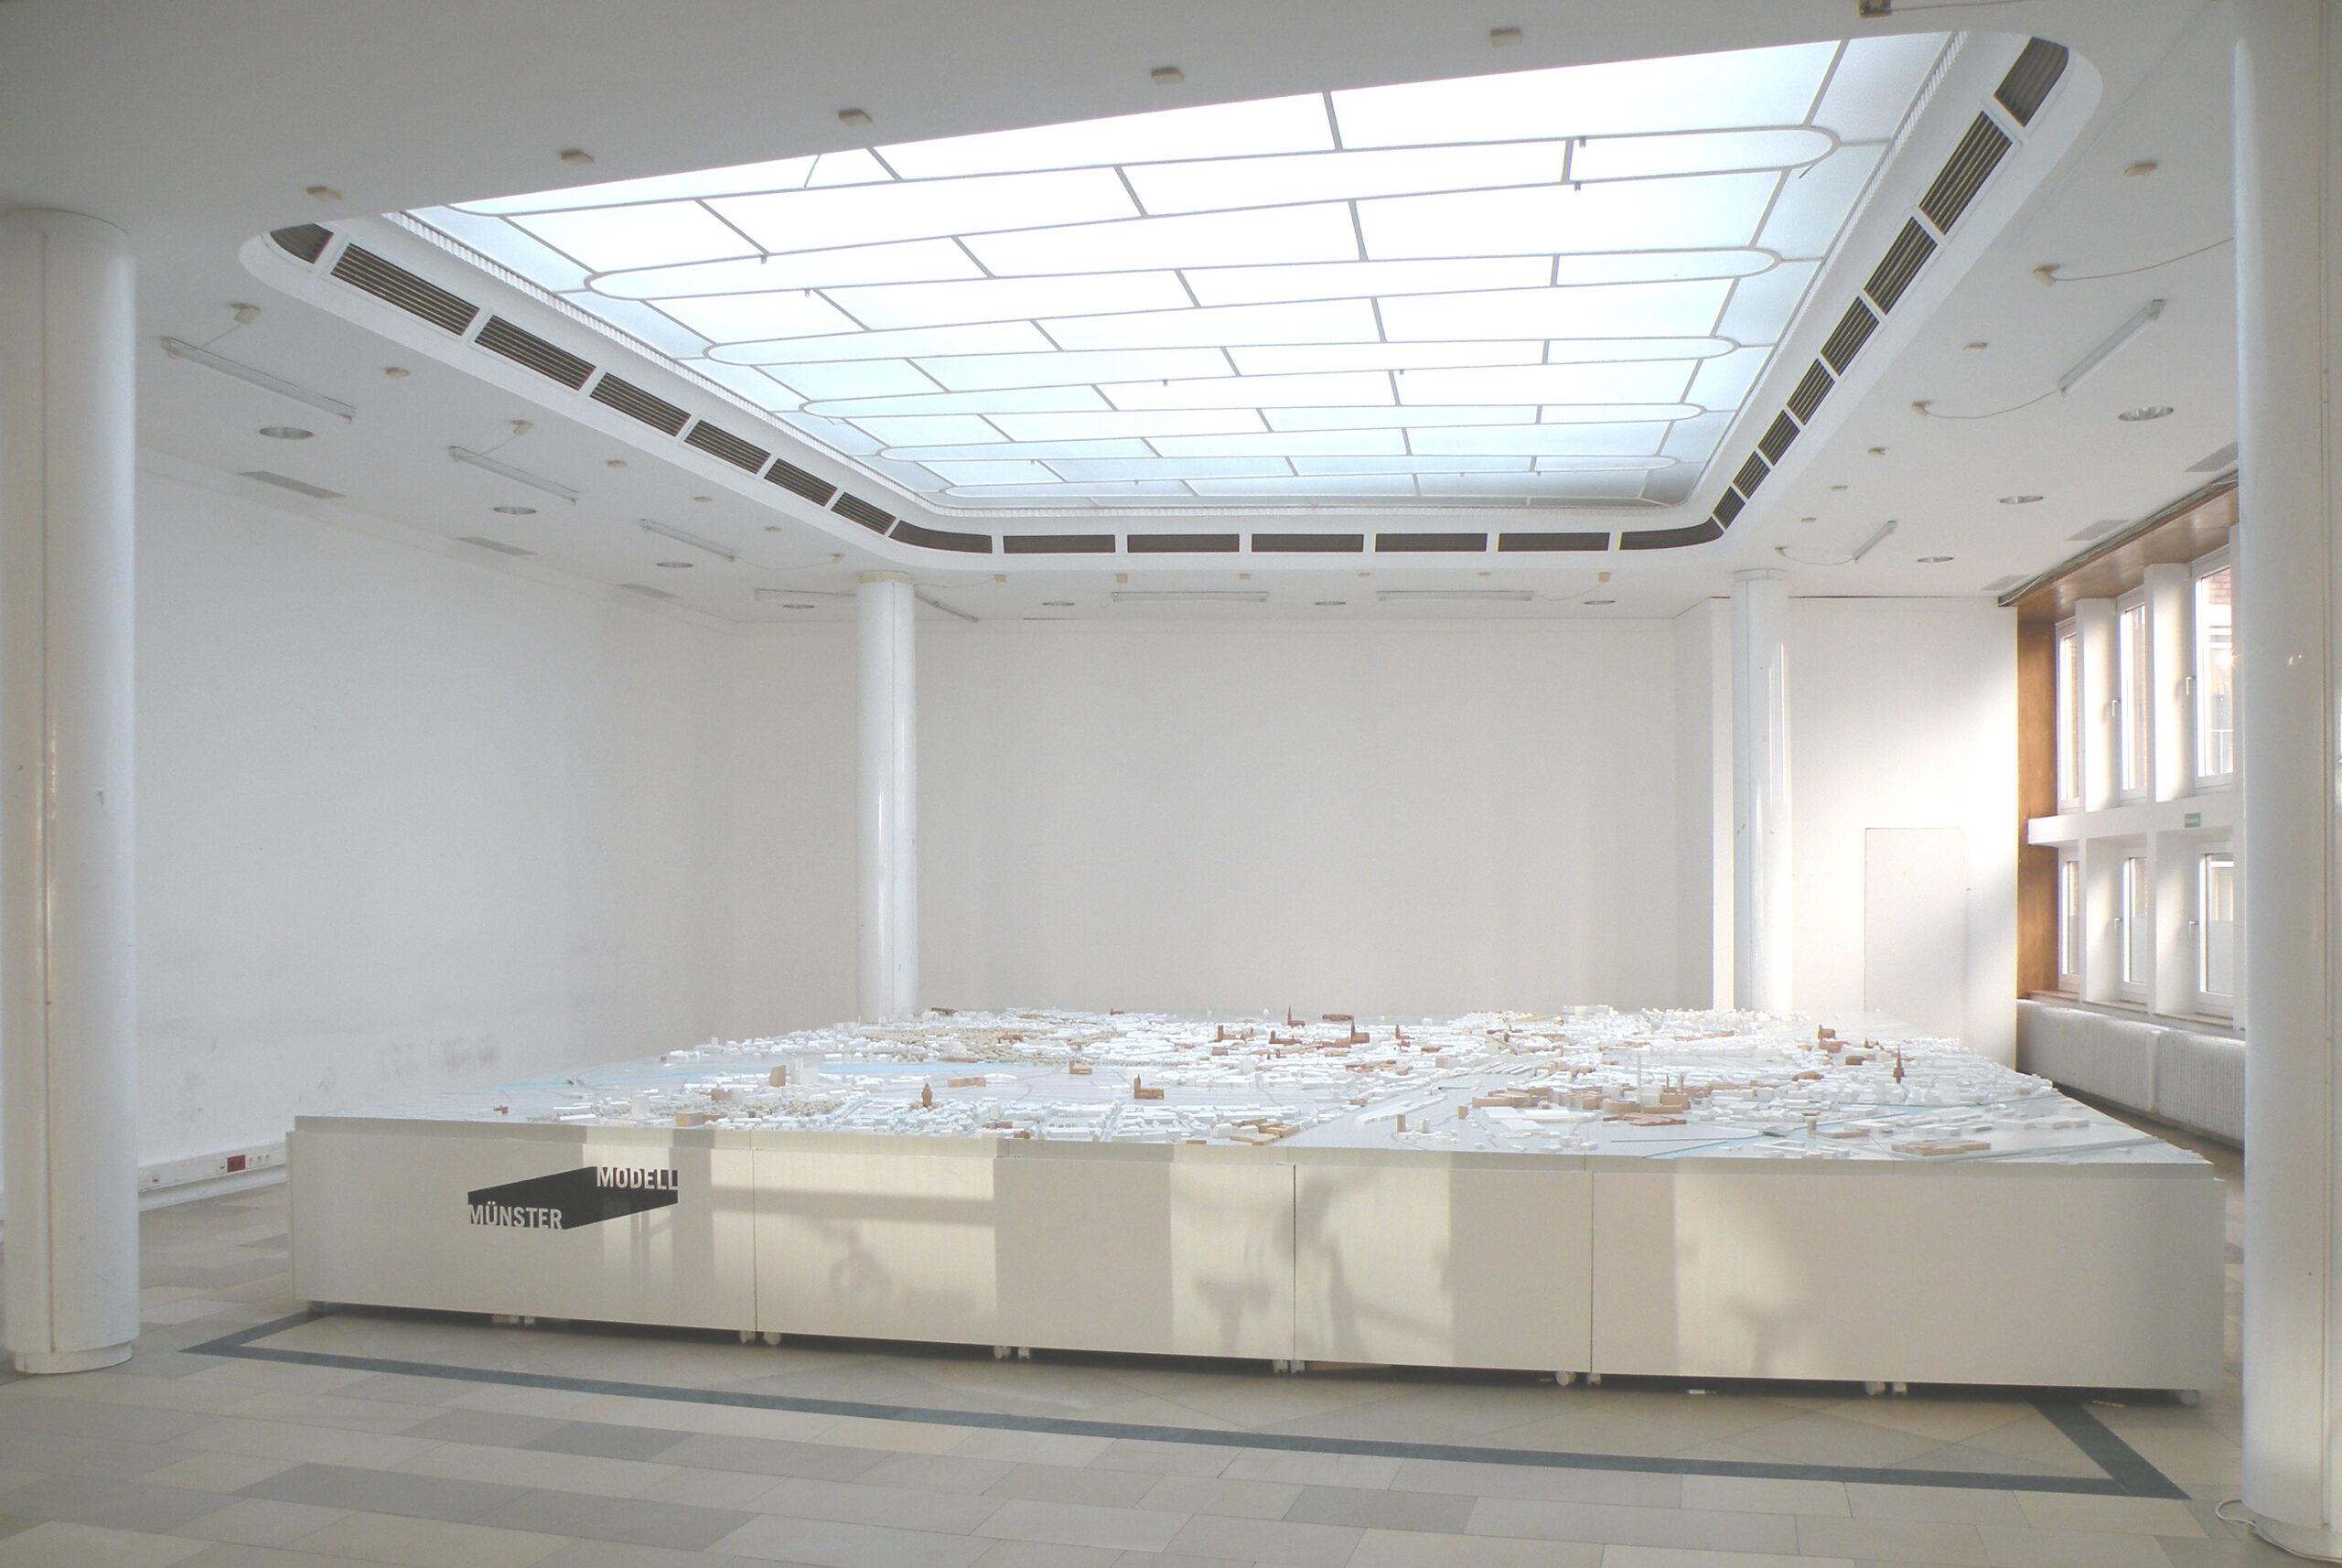 MMünster Modell: Ausstellung Nr. 22 - Stadthaussaal, Rathausinnenhof, 2018